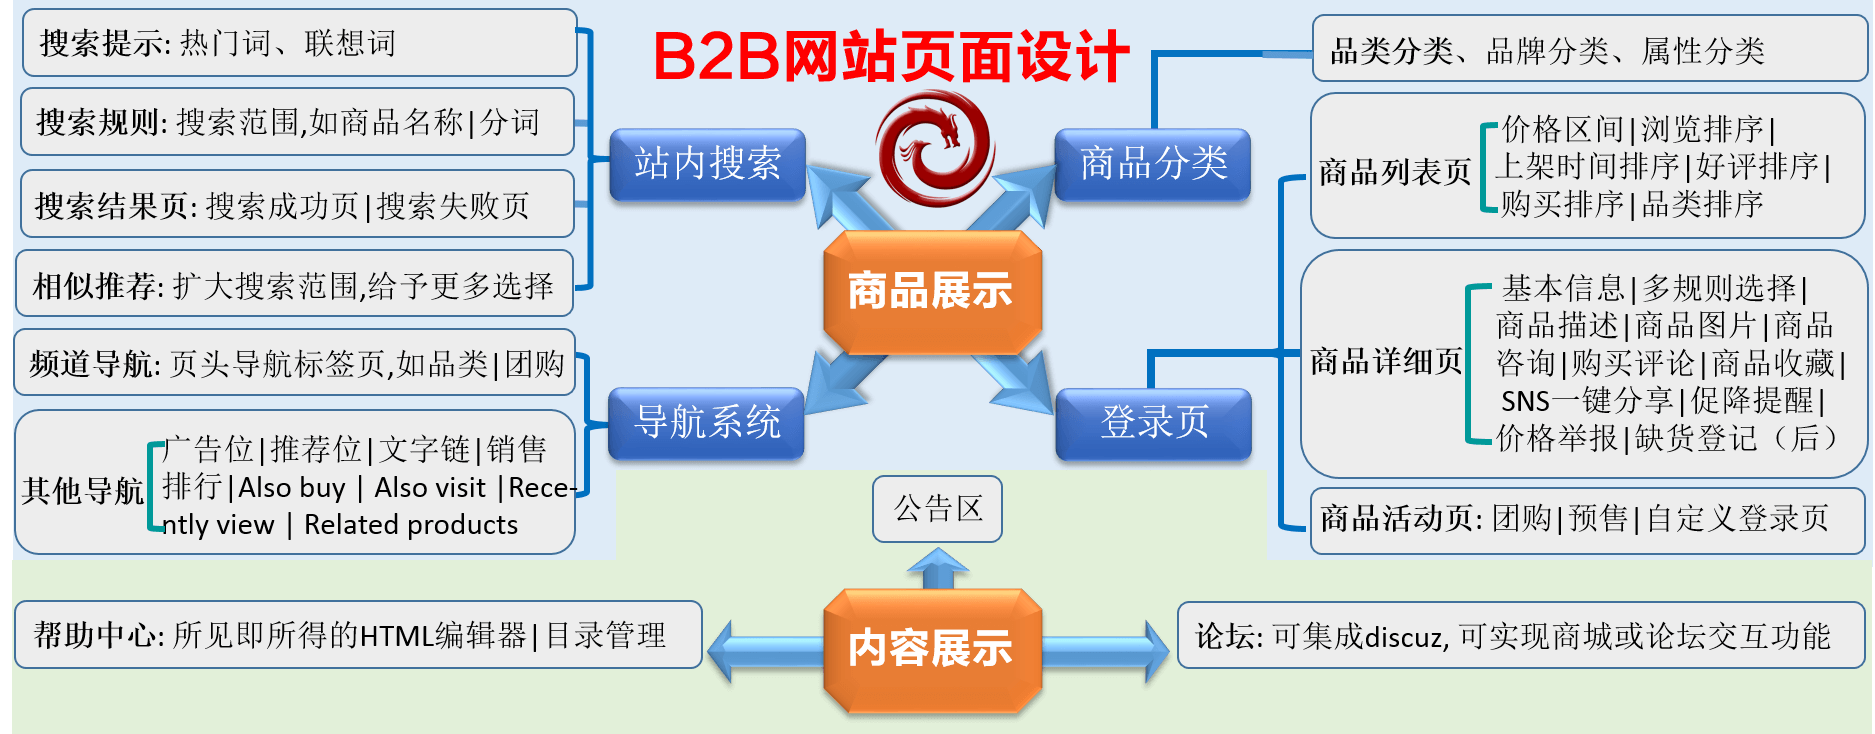 B2B网站营销流程图